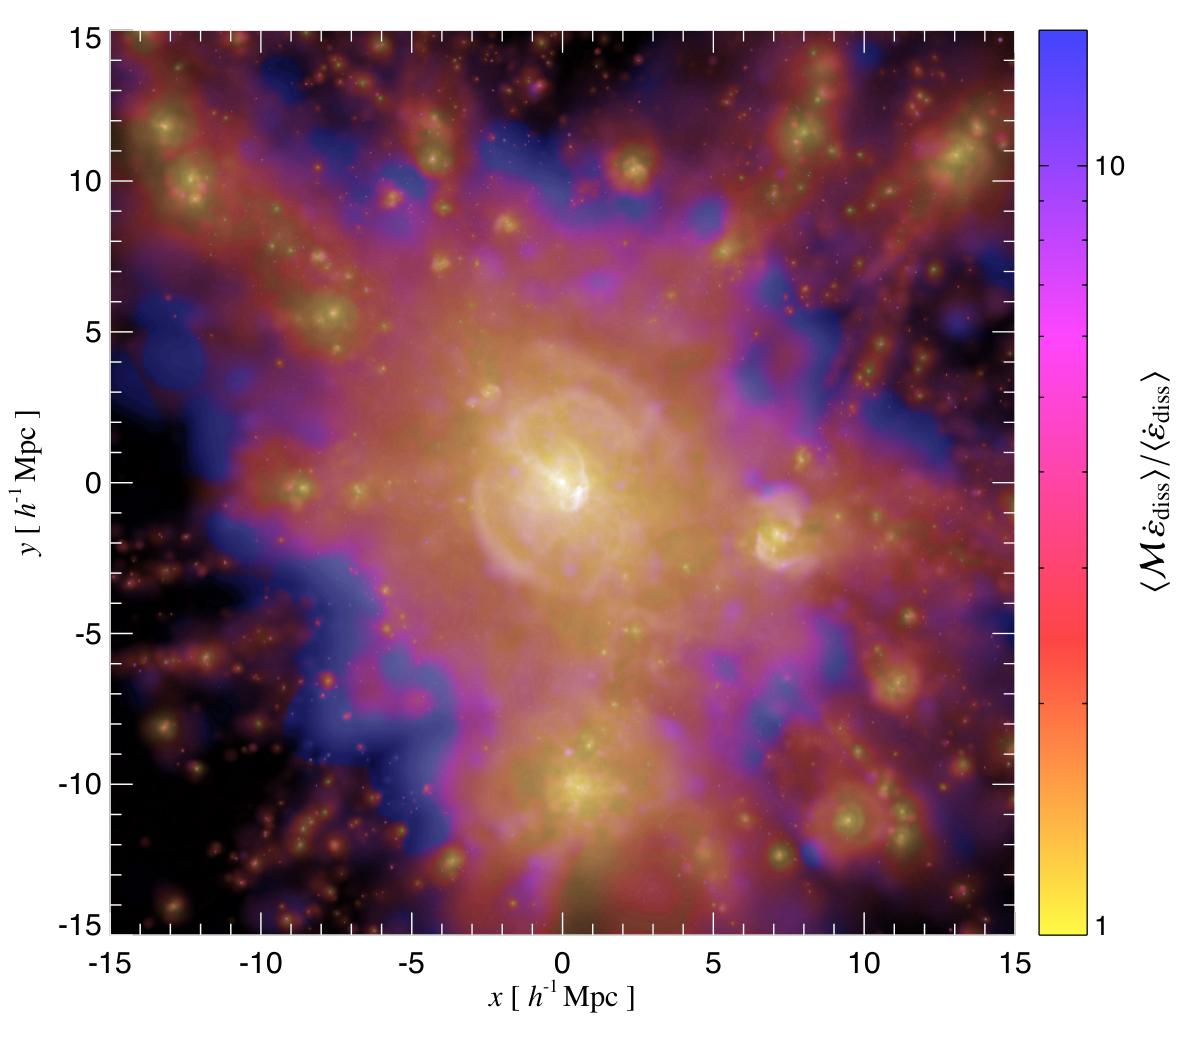 Energiedissipation durch kosmische Stoßwellen, die sich un   einen massiven Galaxienhaufen bilden. Die Helligkeit skaliert (logarithmisch)   mit der Dissipationsrate und die Farben zeigen die Stärke der Stoßwellen mit   Machzahlen (Pfrommer et al. 2008).